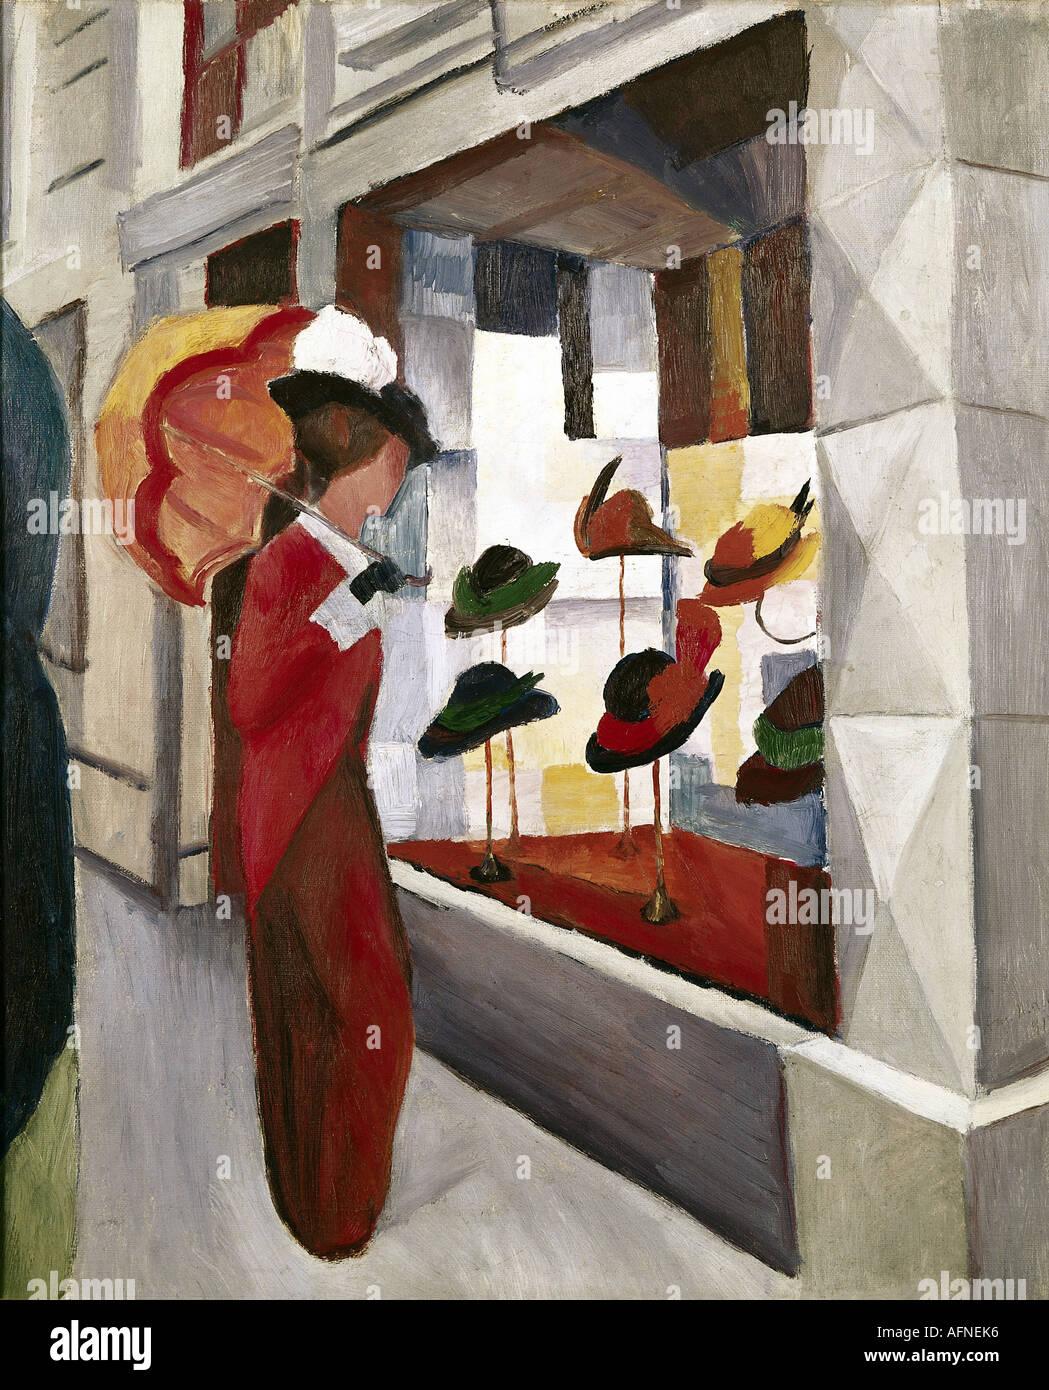 'Fine Arts, Macke, August, (1887 - 1914), peinture, 'Frau mit Sonnenschirm vor einem Hutladen', ('femme avec un parasol en face Photo Stock